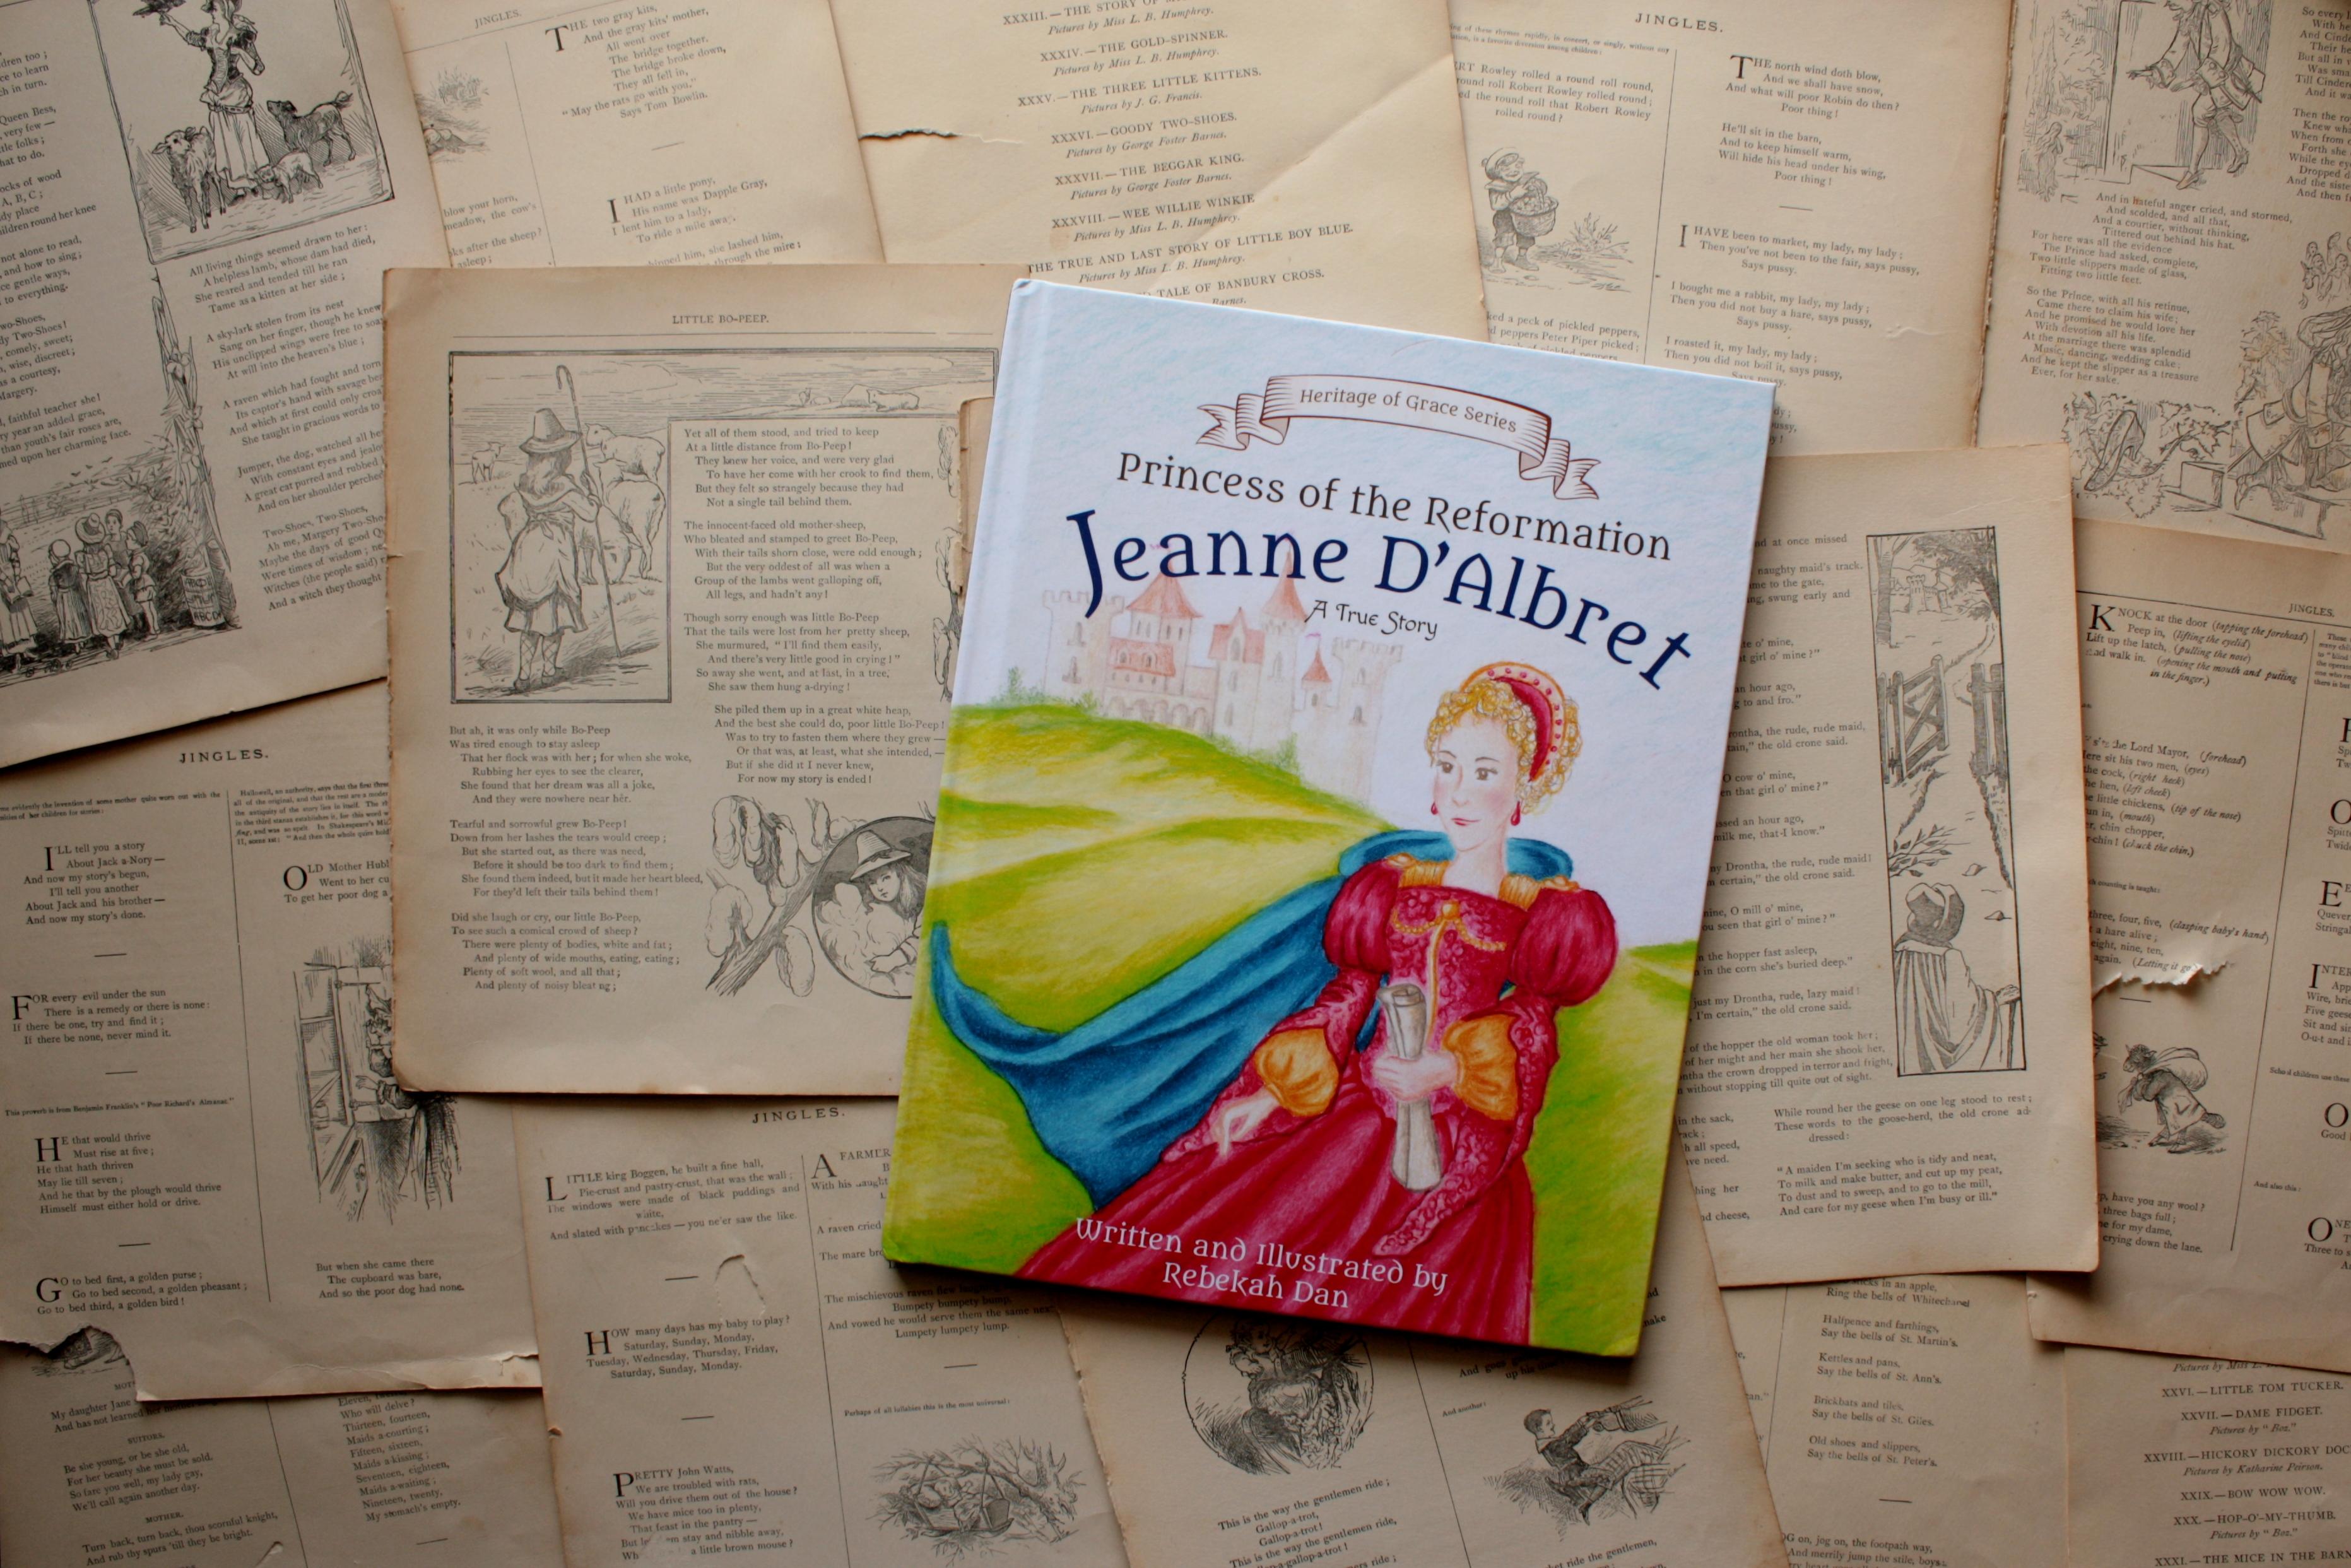 Jeanne D'Albret | Rebekah Dan